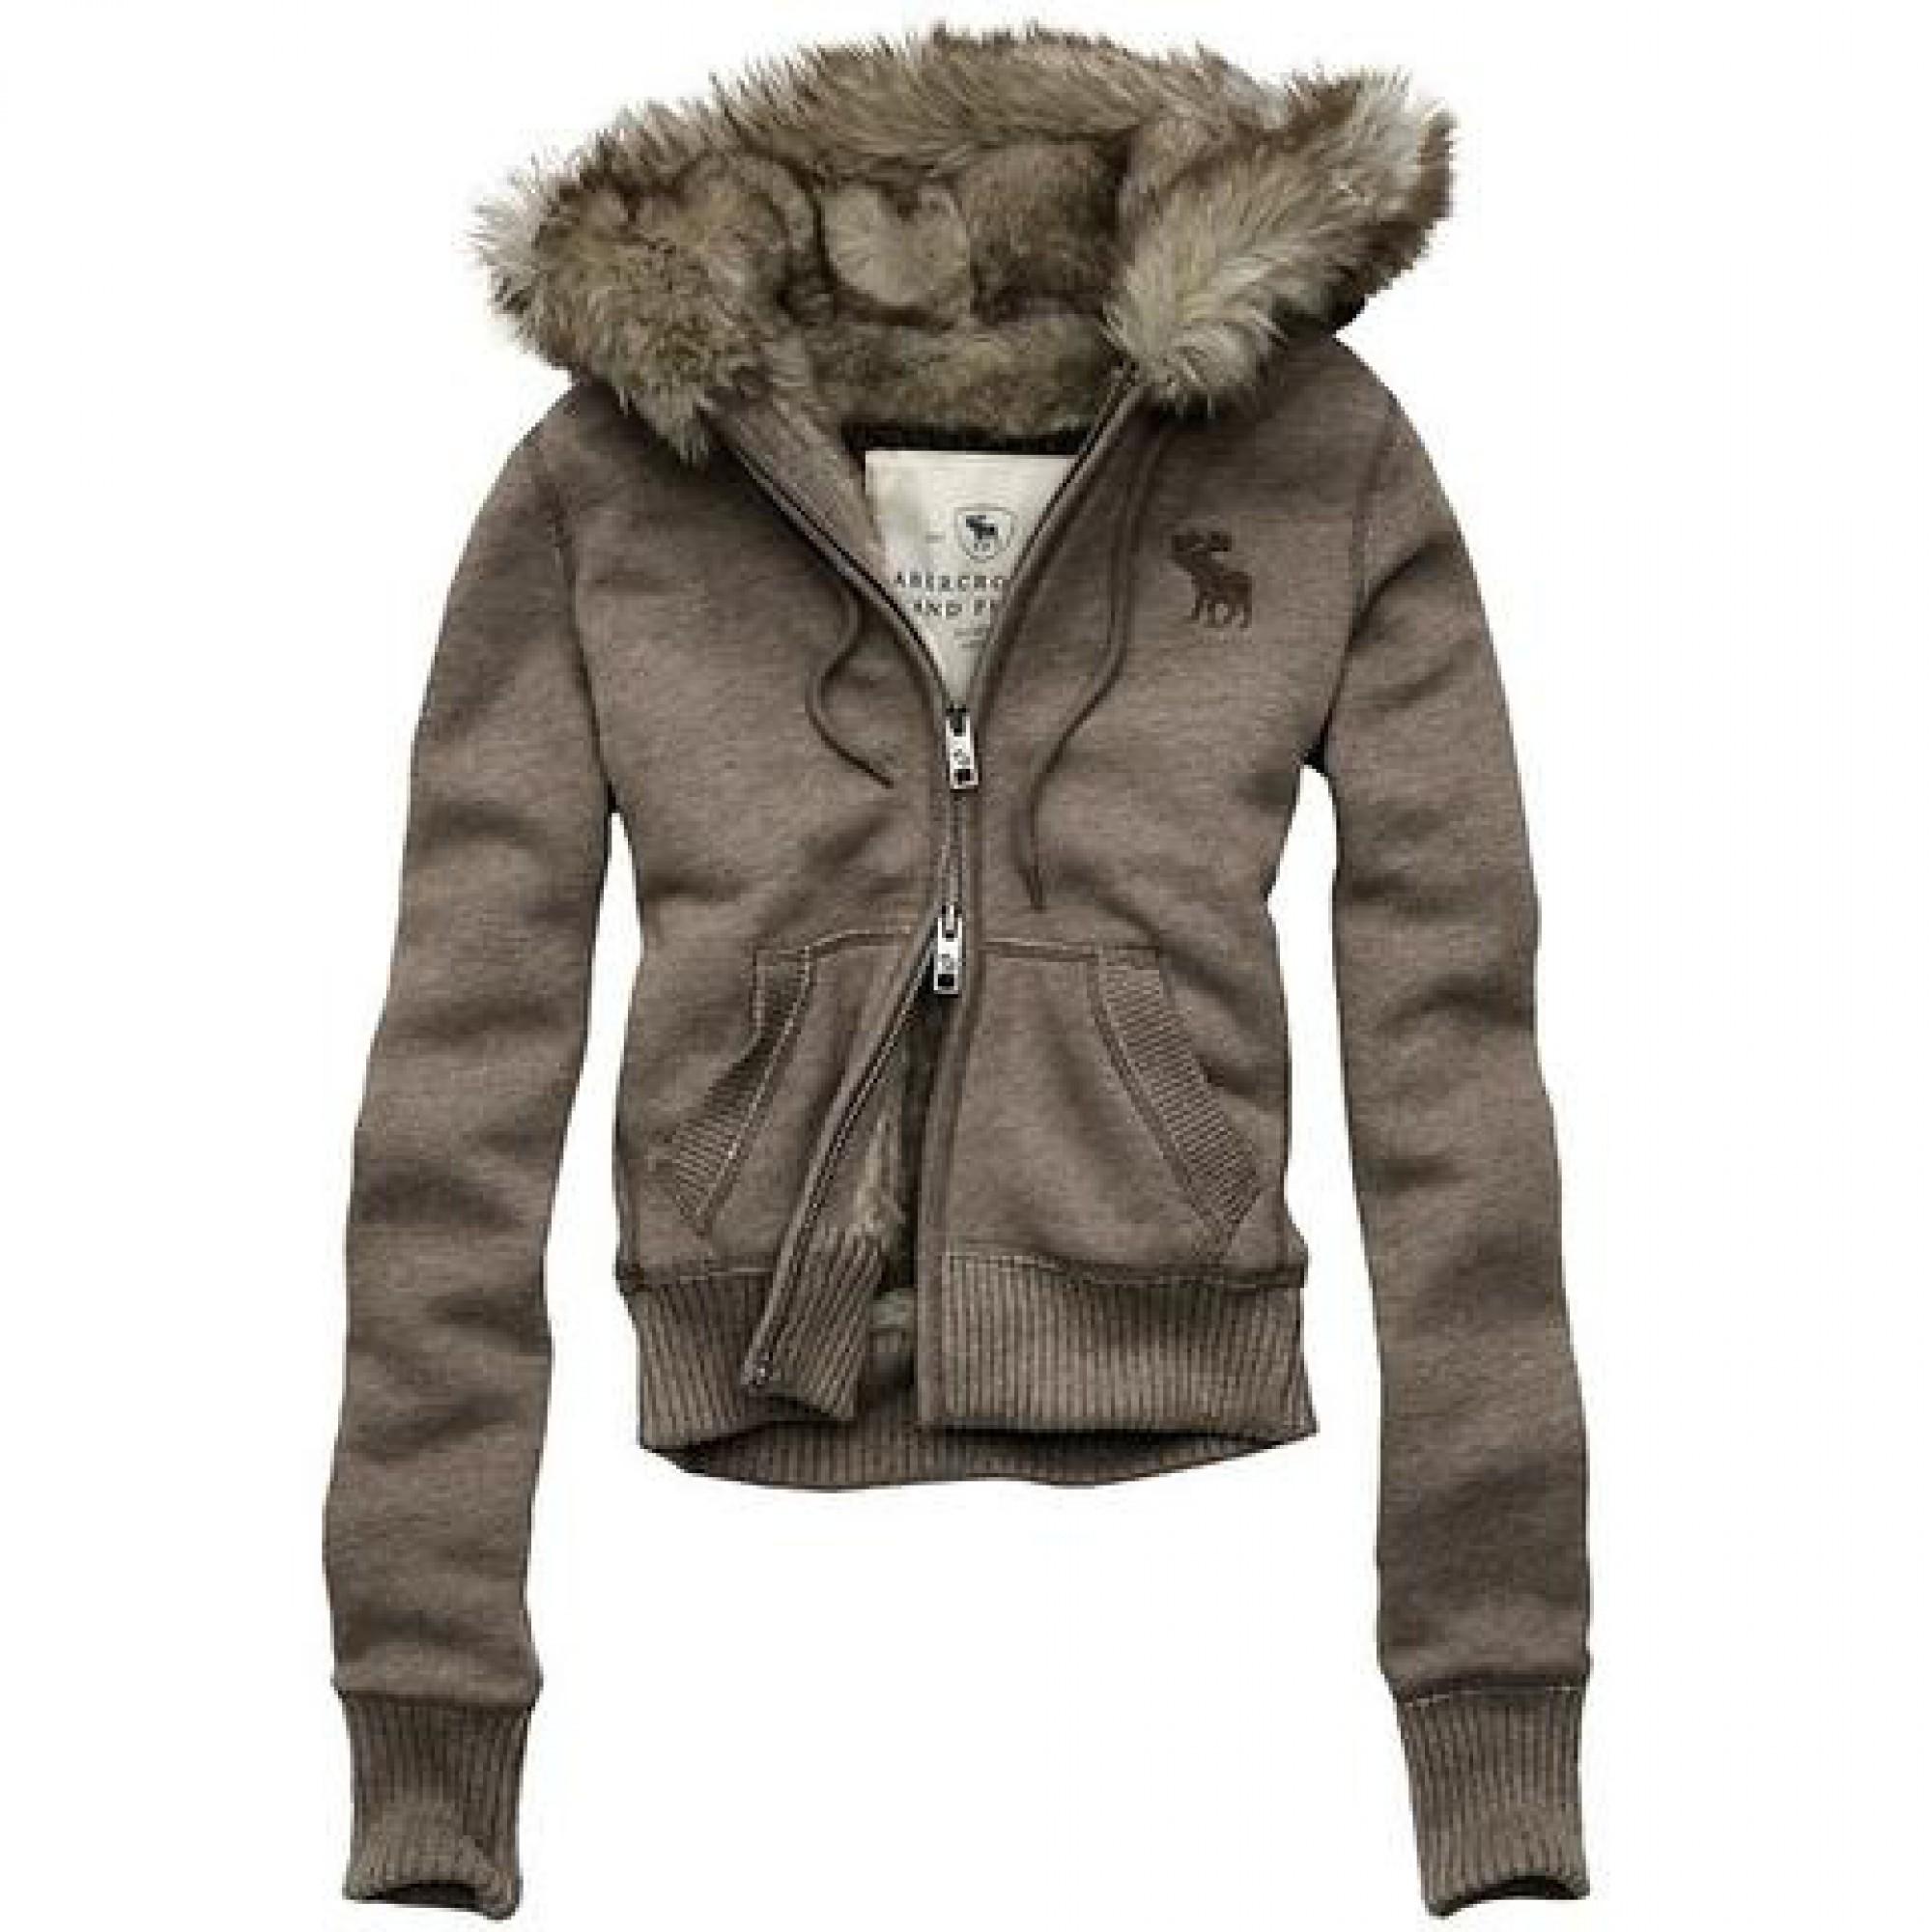 bdf567f6b0e1d0 Купить теплая женская кофта Abercrombie — в Киеве, код товара 7277